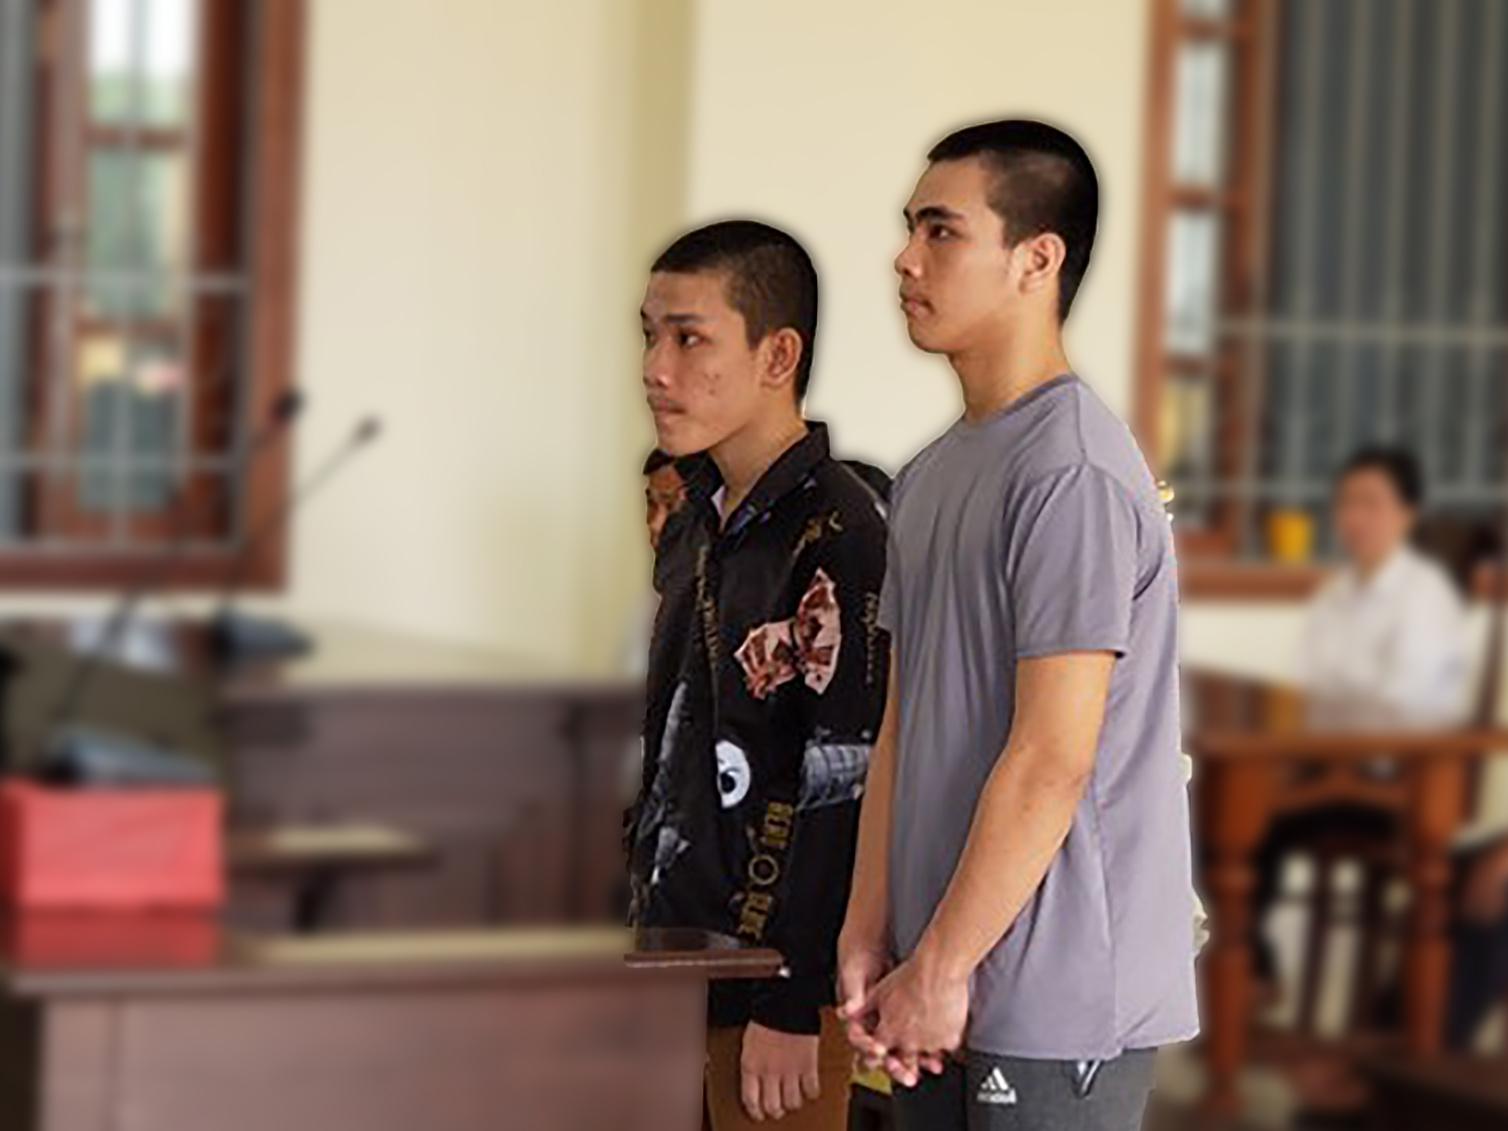 2 bị cáo Võ Pháp Tánh (17 tuổi, bìa phải) bị Tòa án nhân dân TP Cần Thơ tuyên 12 năm tù và Nguyễn Hữu Lộc (16 tuổi) 8 năm tù vào cuối tháng 7-2019. Chỉ vì mâu thuẫn lời nói khi rủ nhau đi uống cà phê, các bị cáo dùng dao đâm chết bạn.